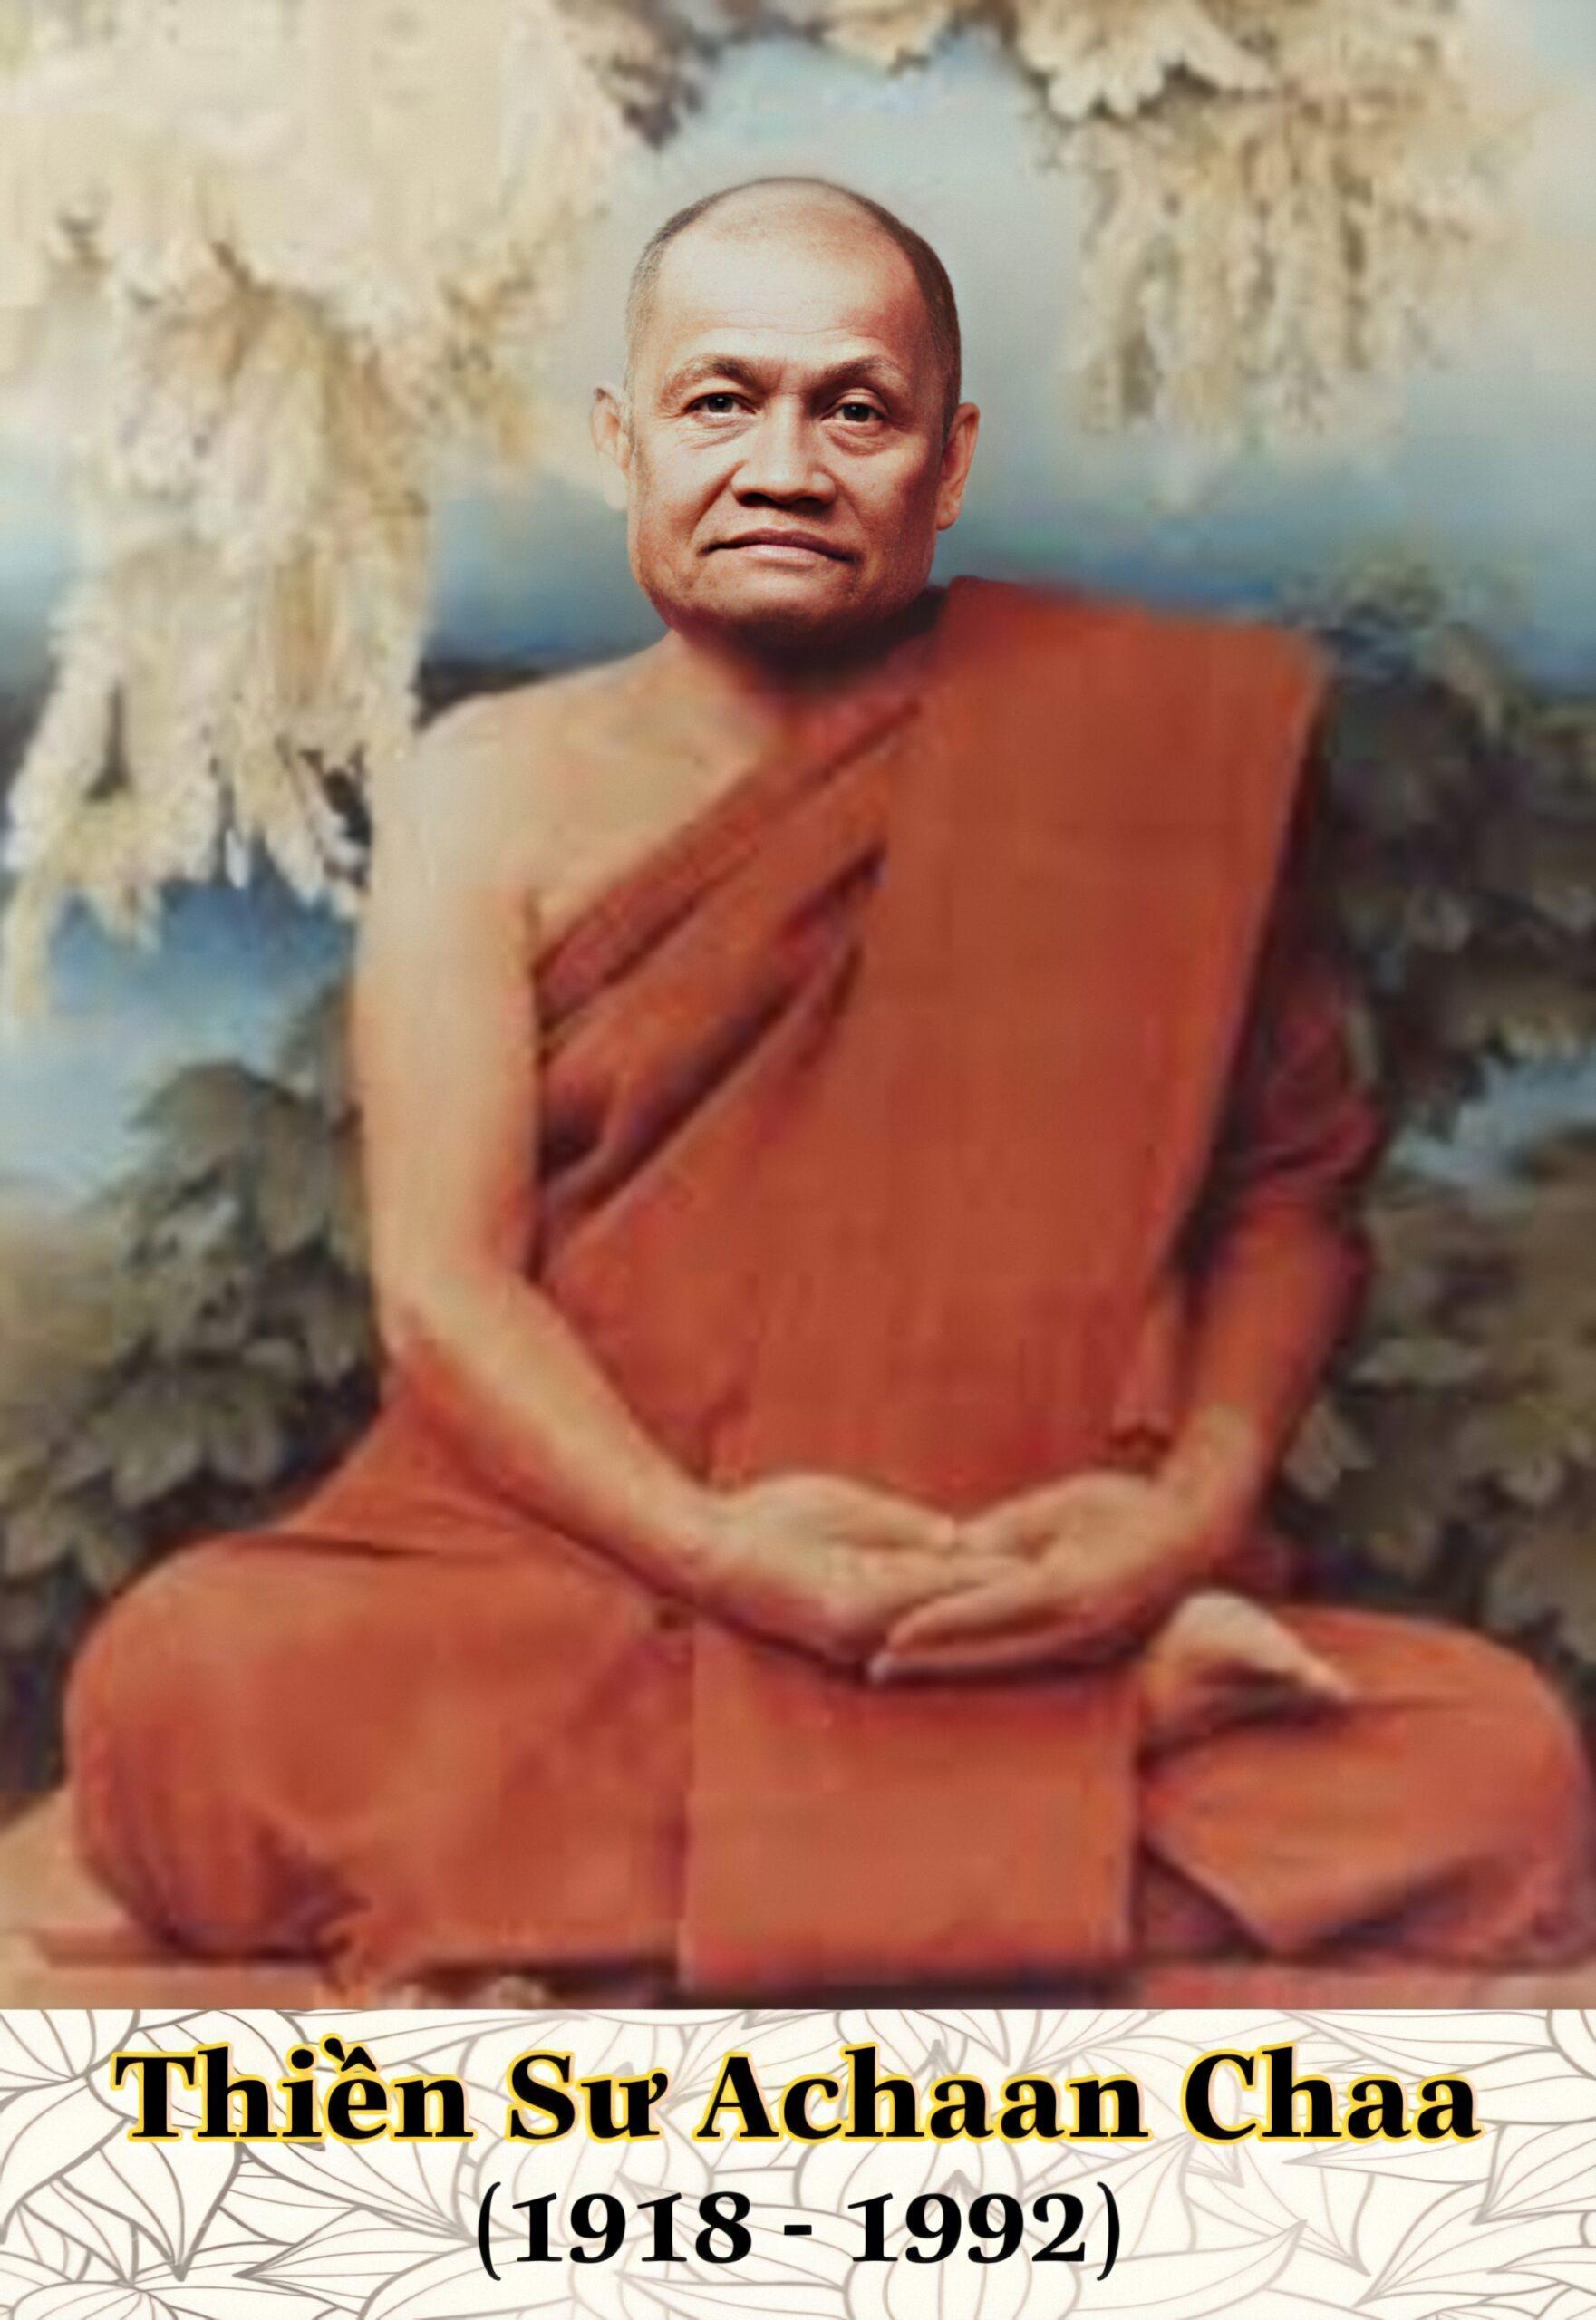 Thiền sư Achaan Chaa scaled